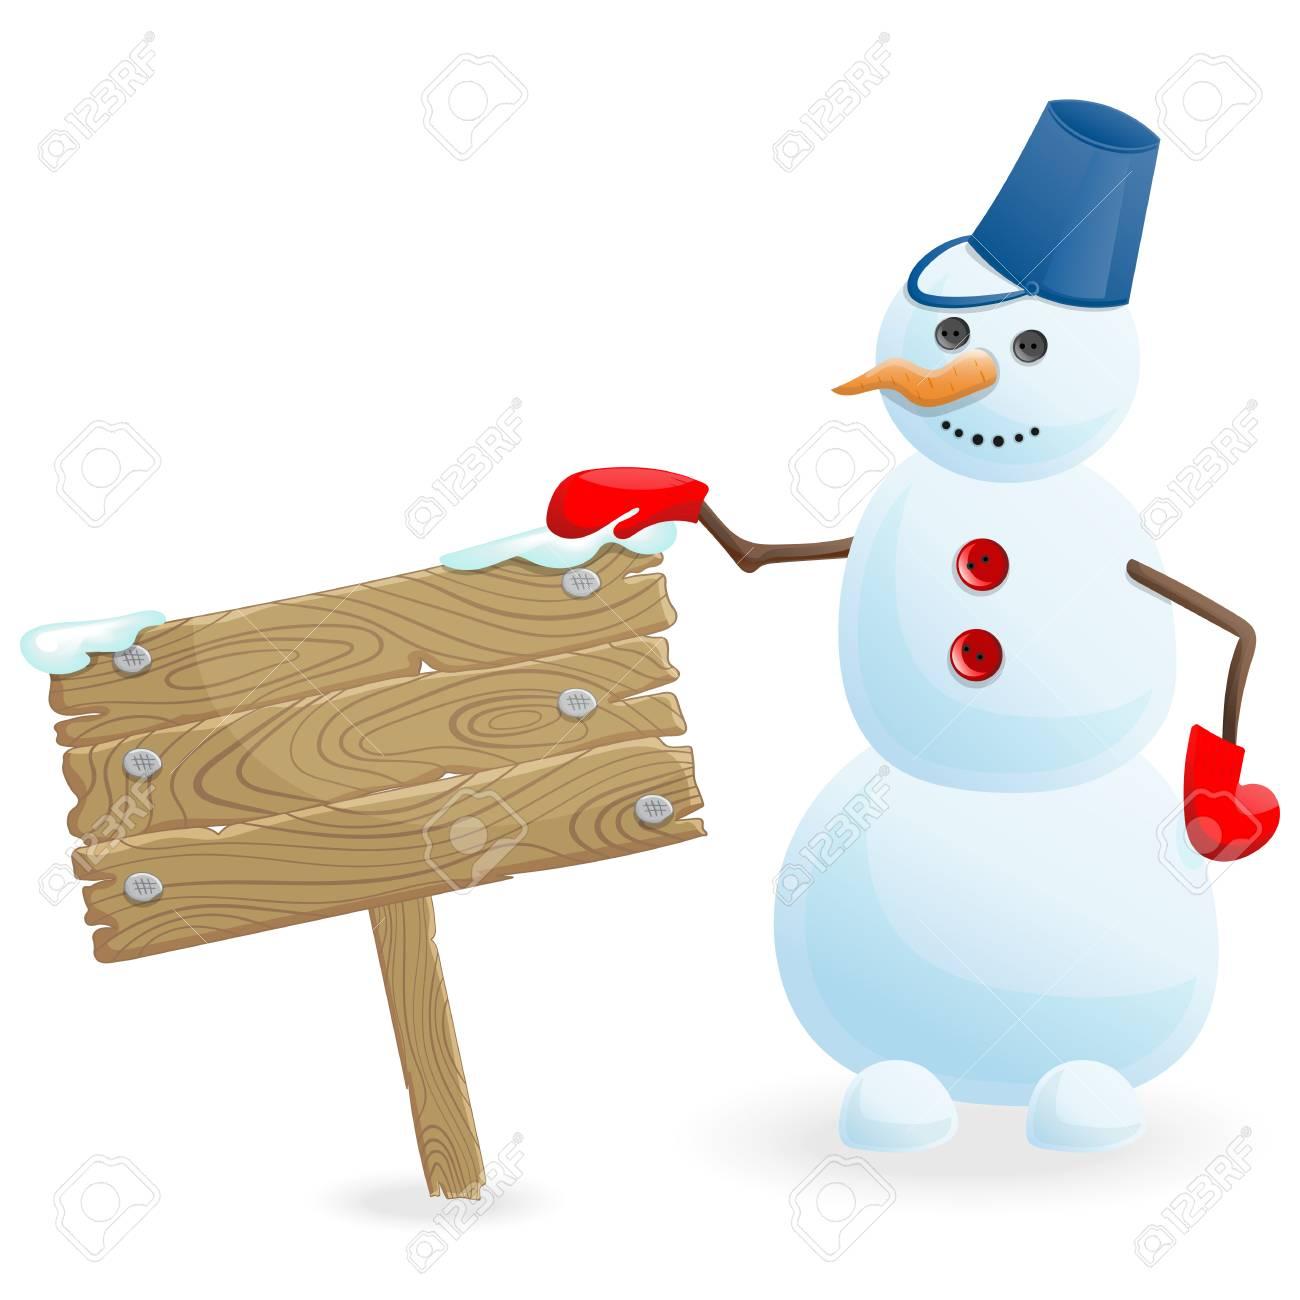 冬休み分離した白い背景の上の木製のバナーと雪だるまを笑顔のイラストの